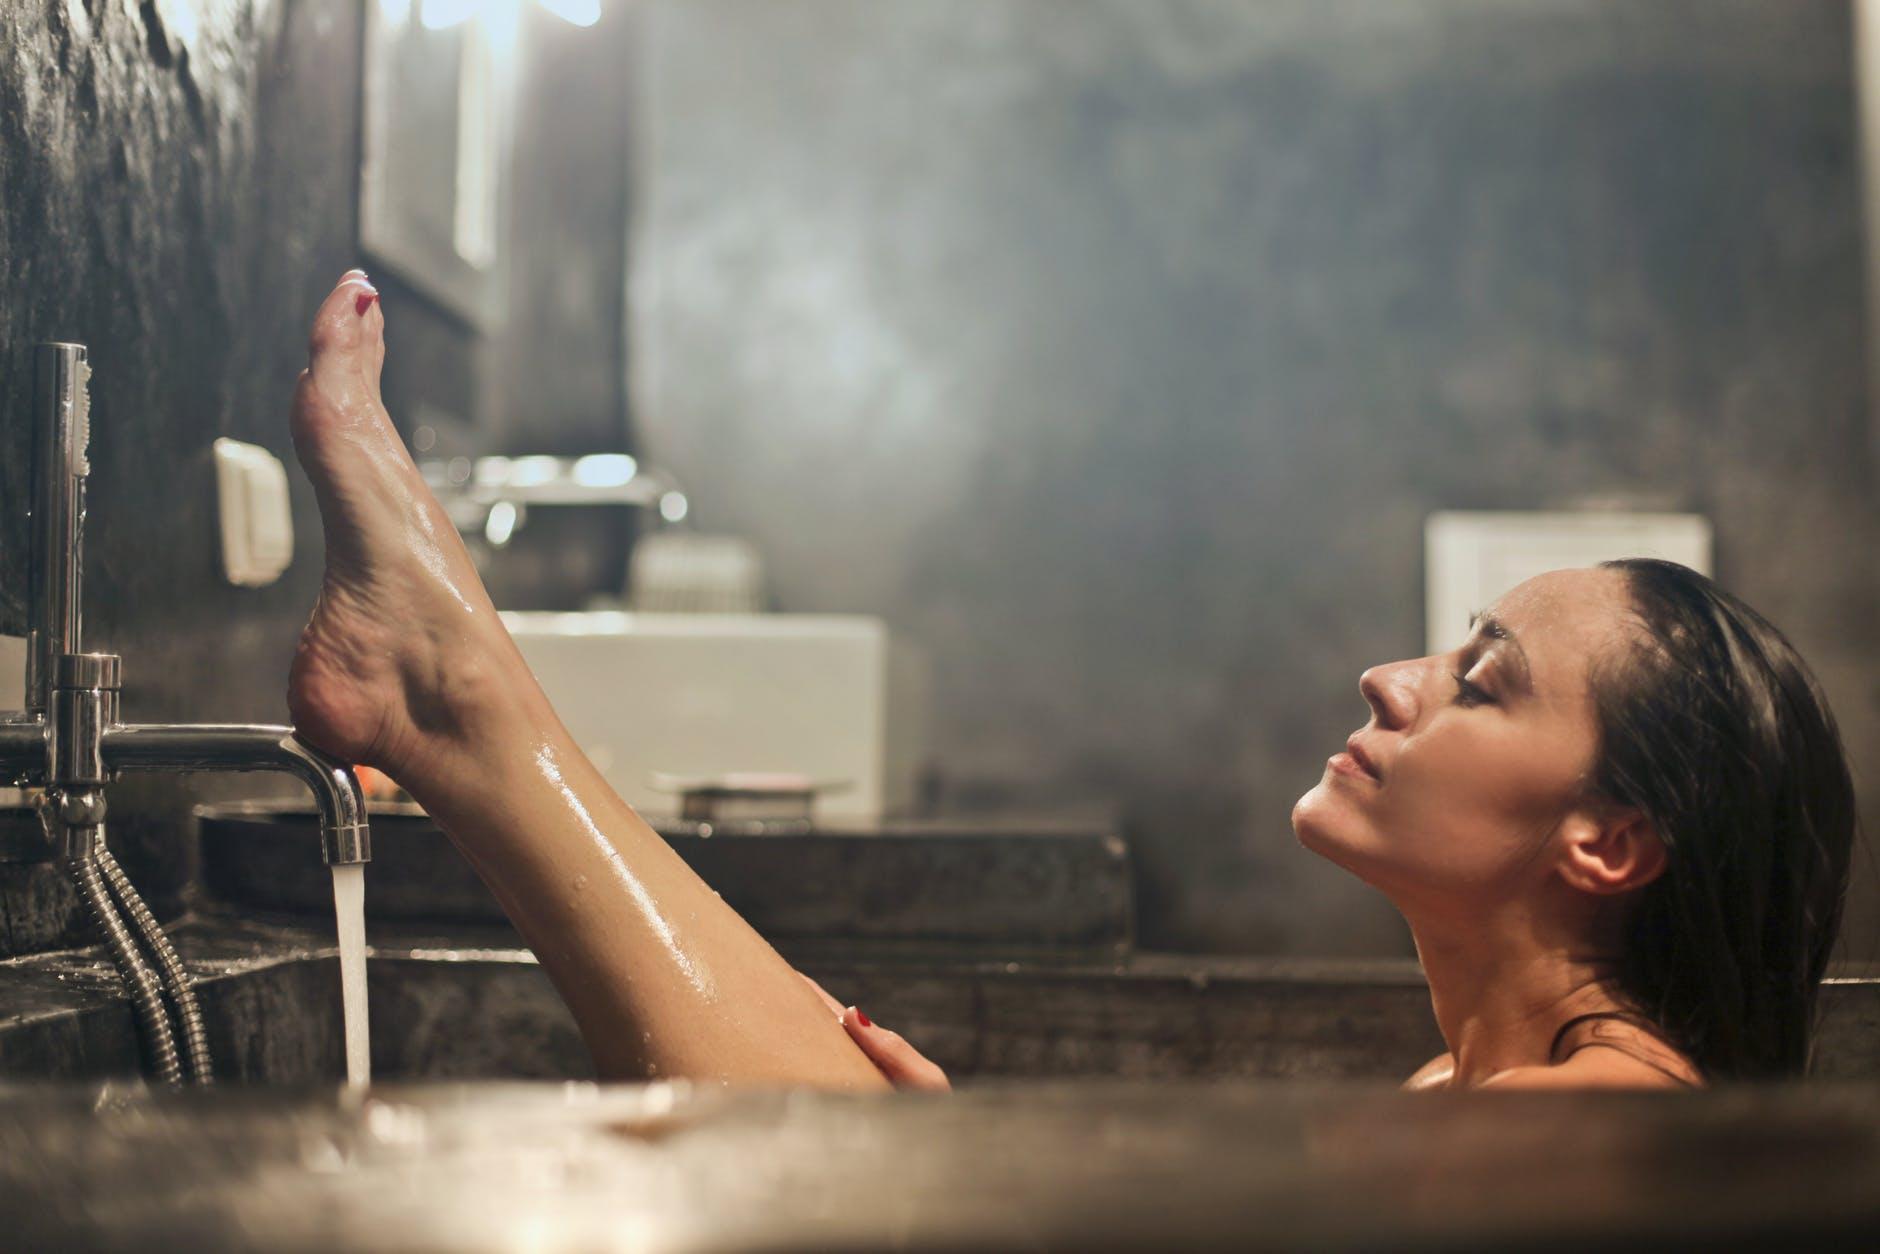 douche bain laver flore intime vagin odeurs